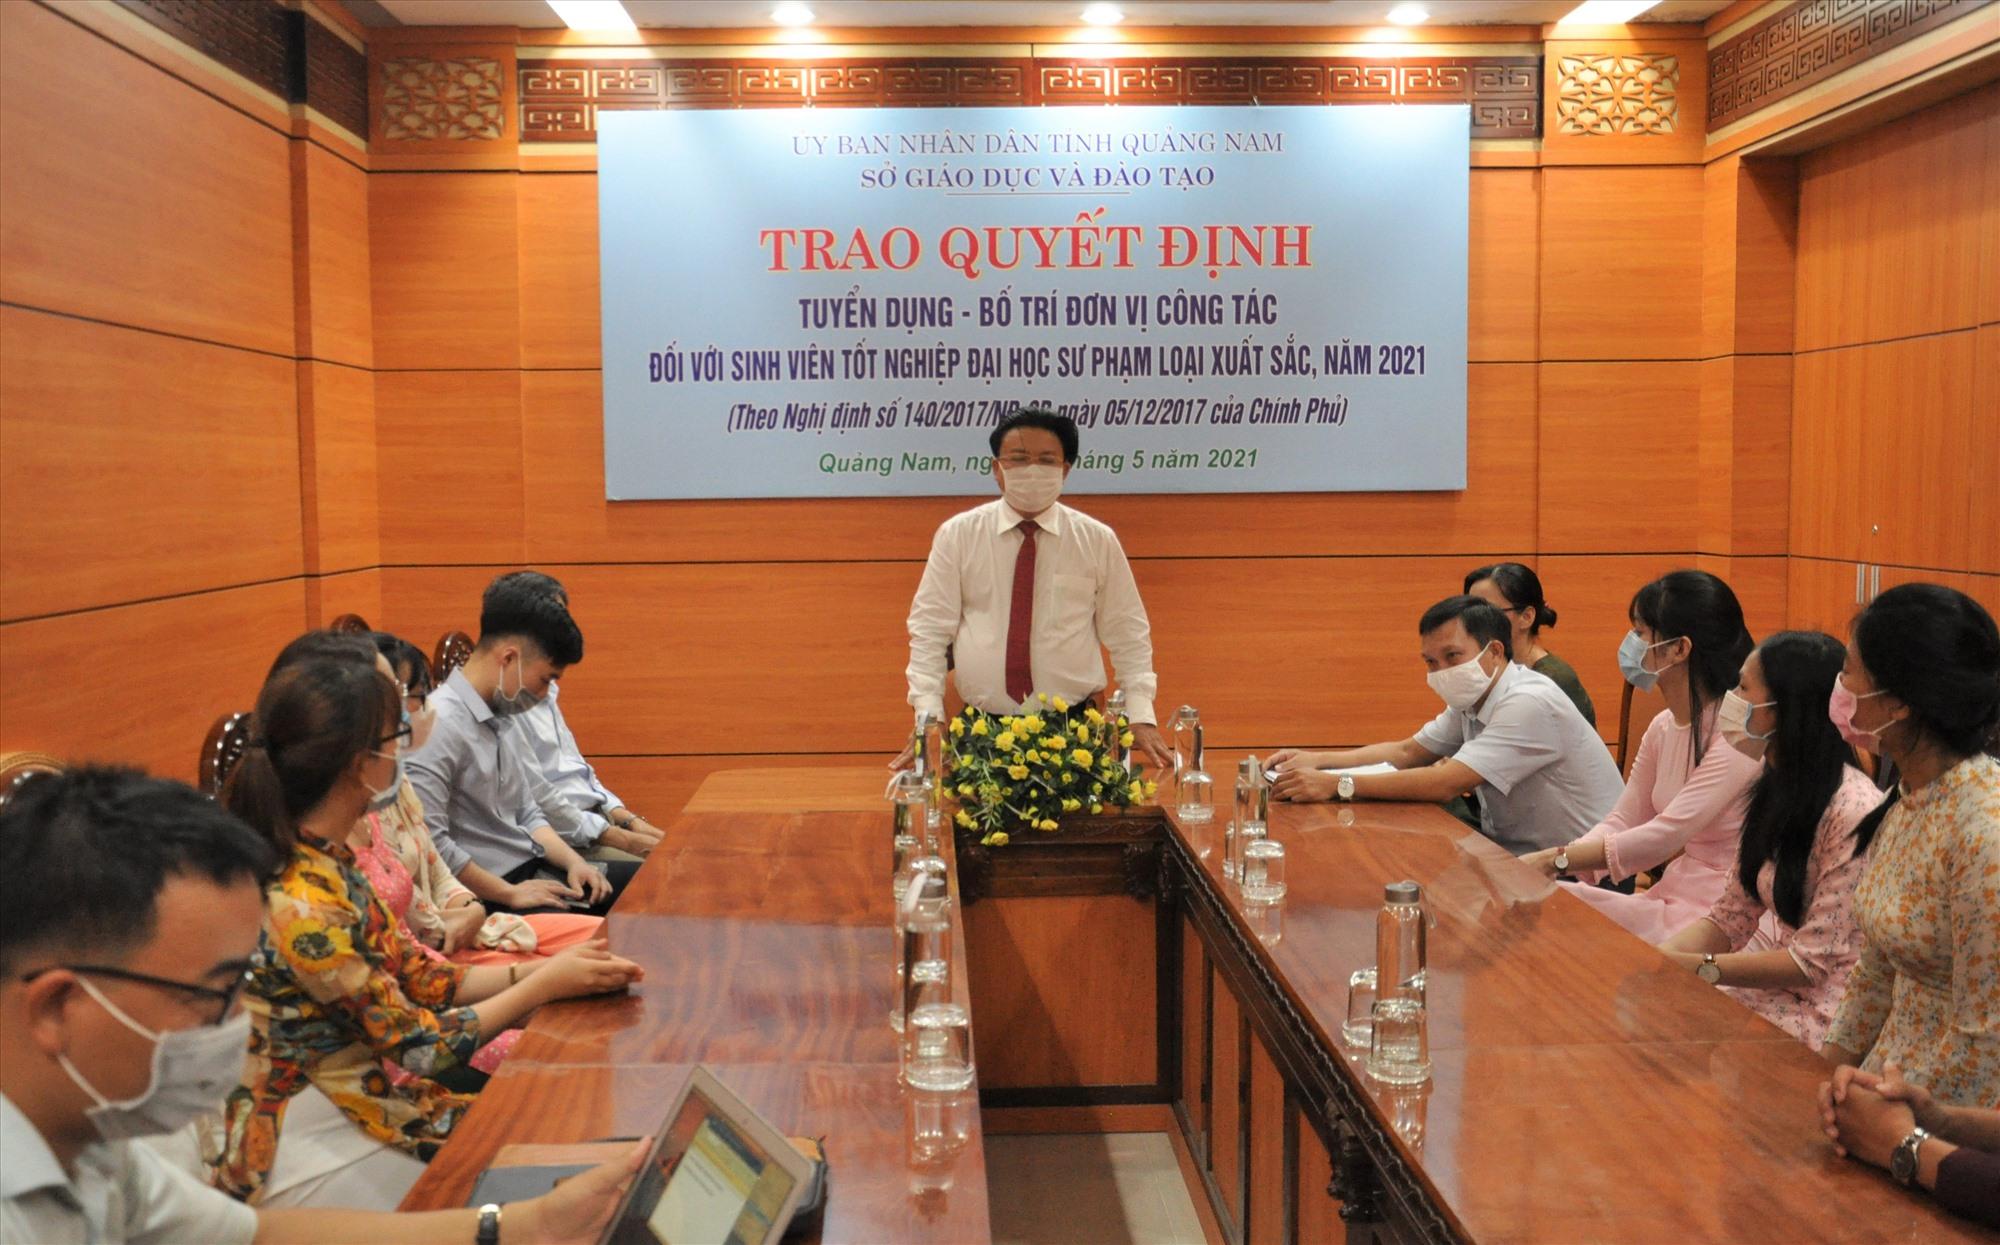 Sở GD-ĐT trao quyết định tuyển dụng và bố trí công tác GV năm 2021. Ảnh: X.P